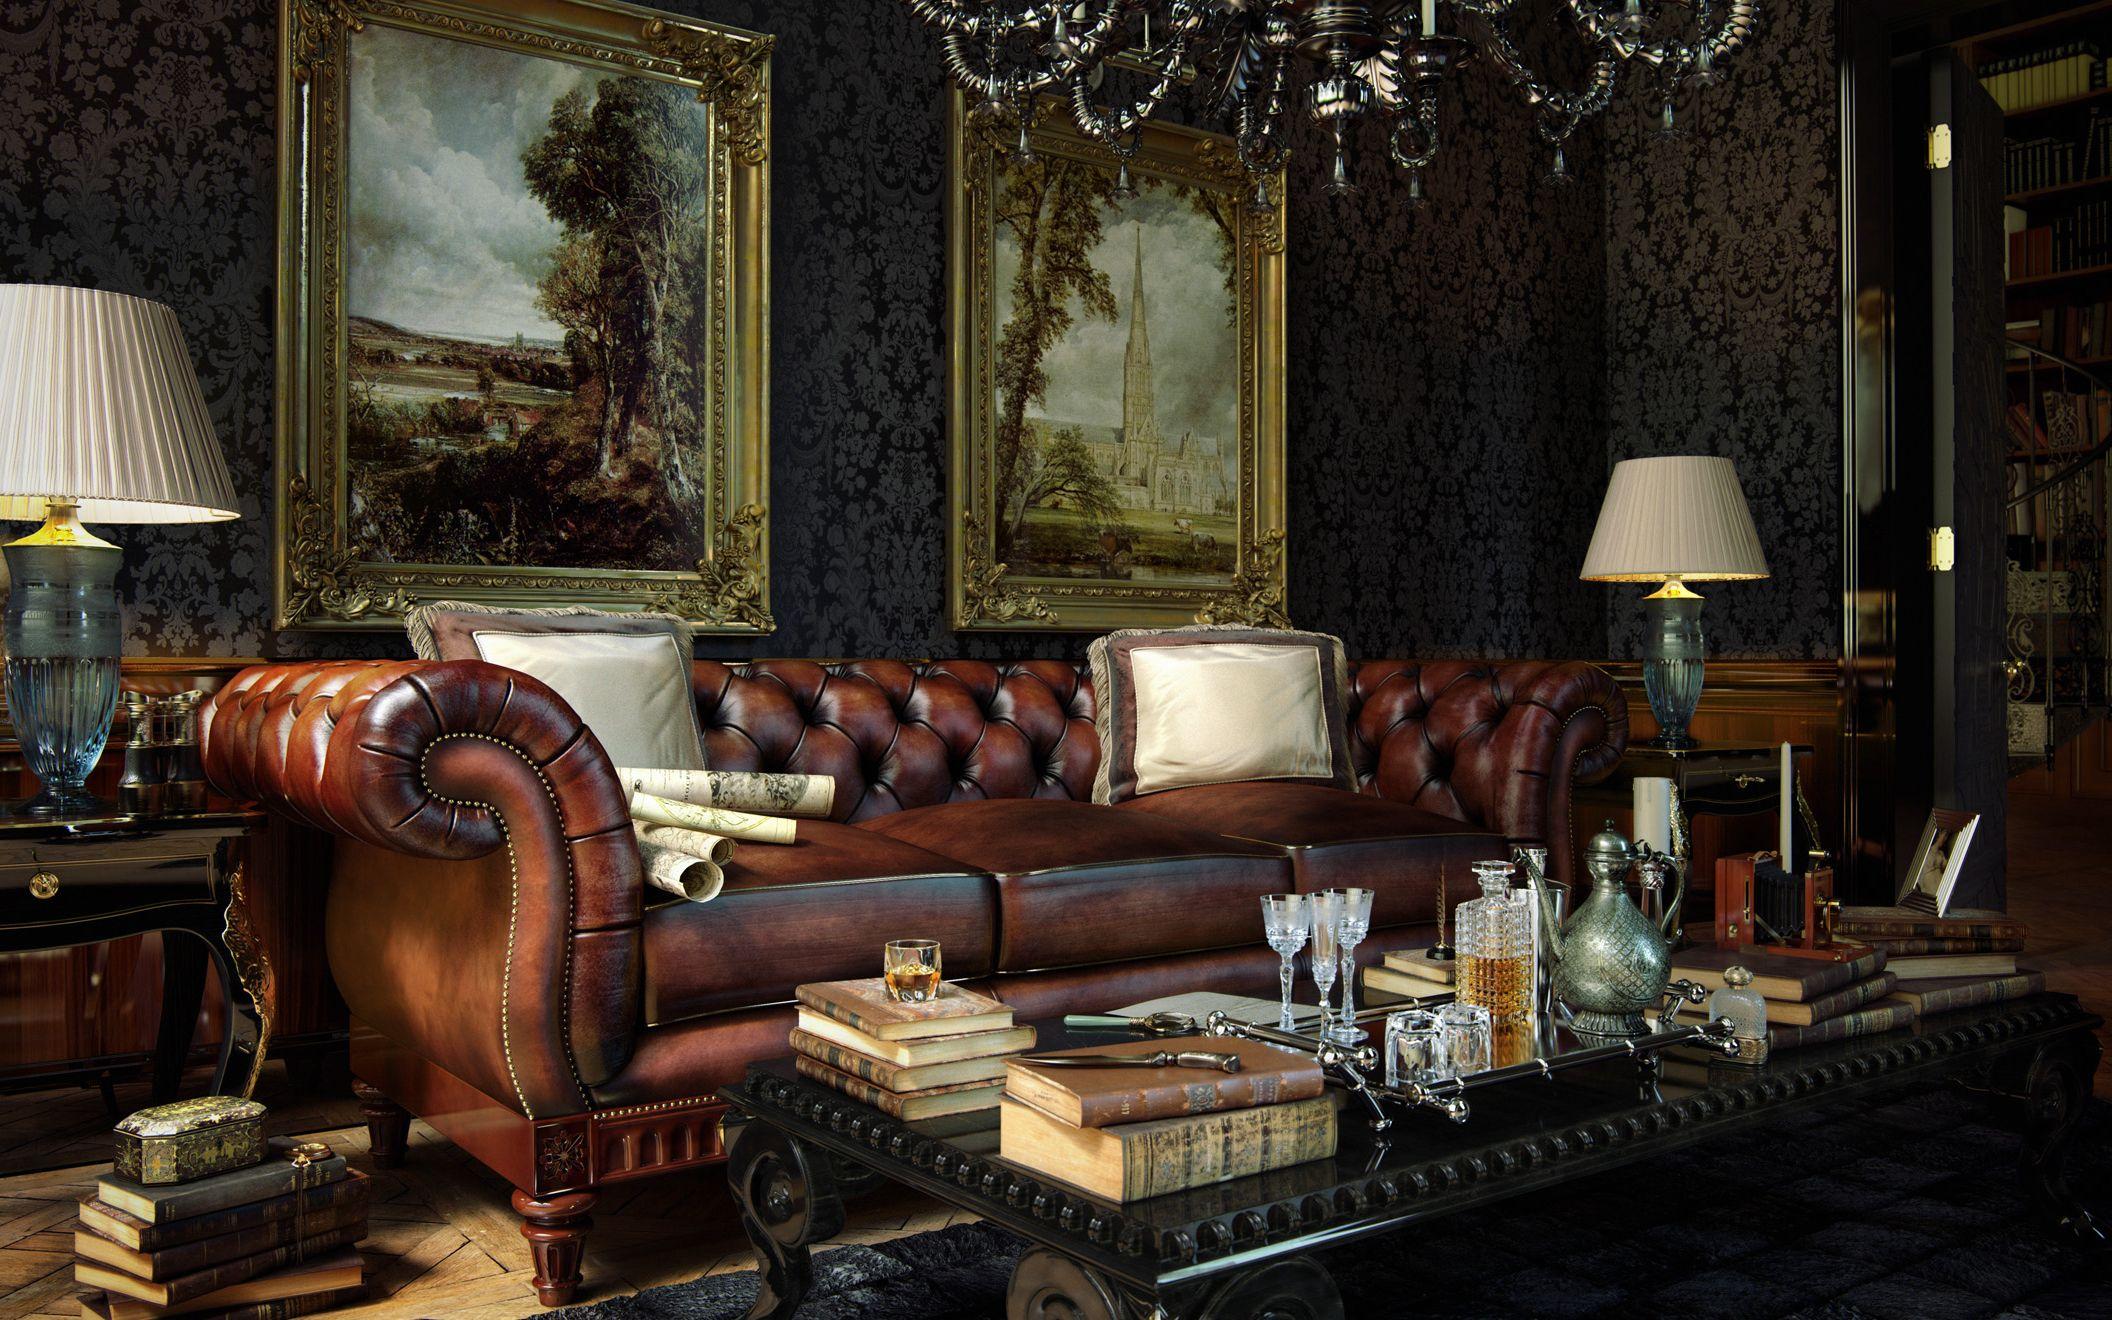 pin von devin schiro auf to build a home pinterest wohnzimmer haus und m bel. Black Bedroom Furniture Sets. Home Design Ideas